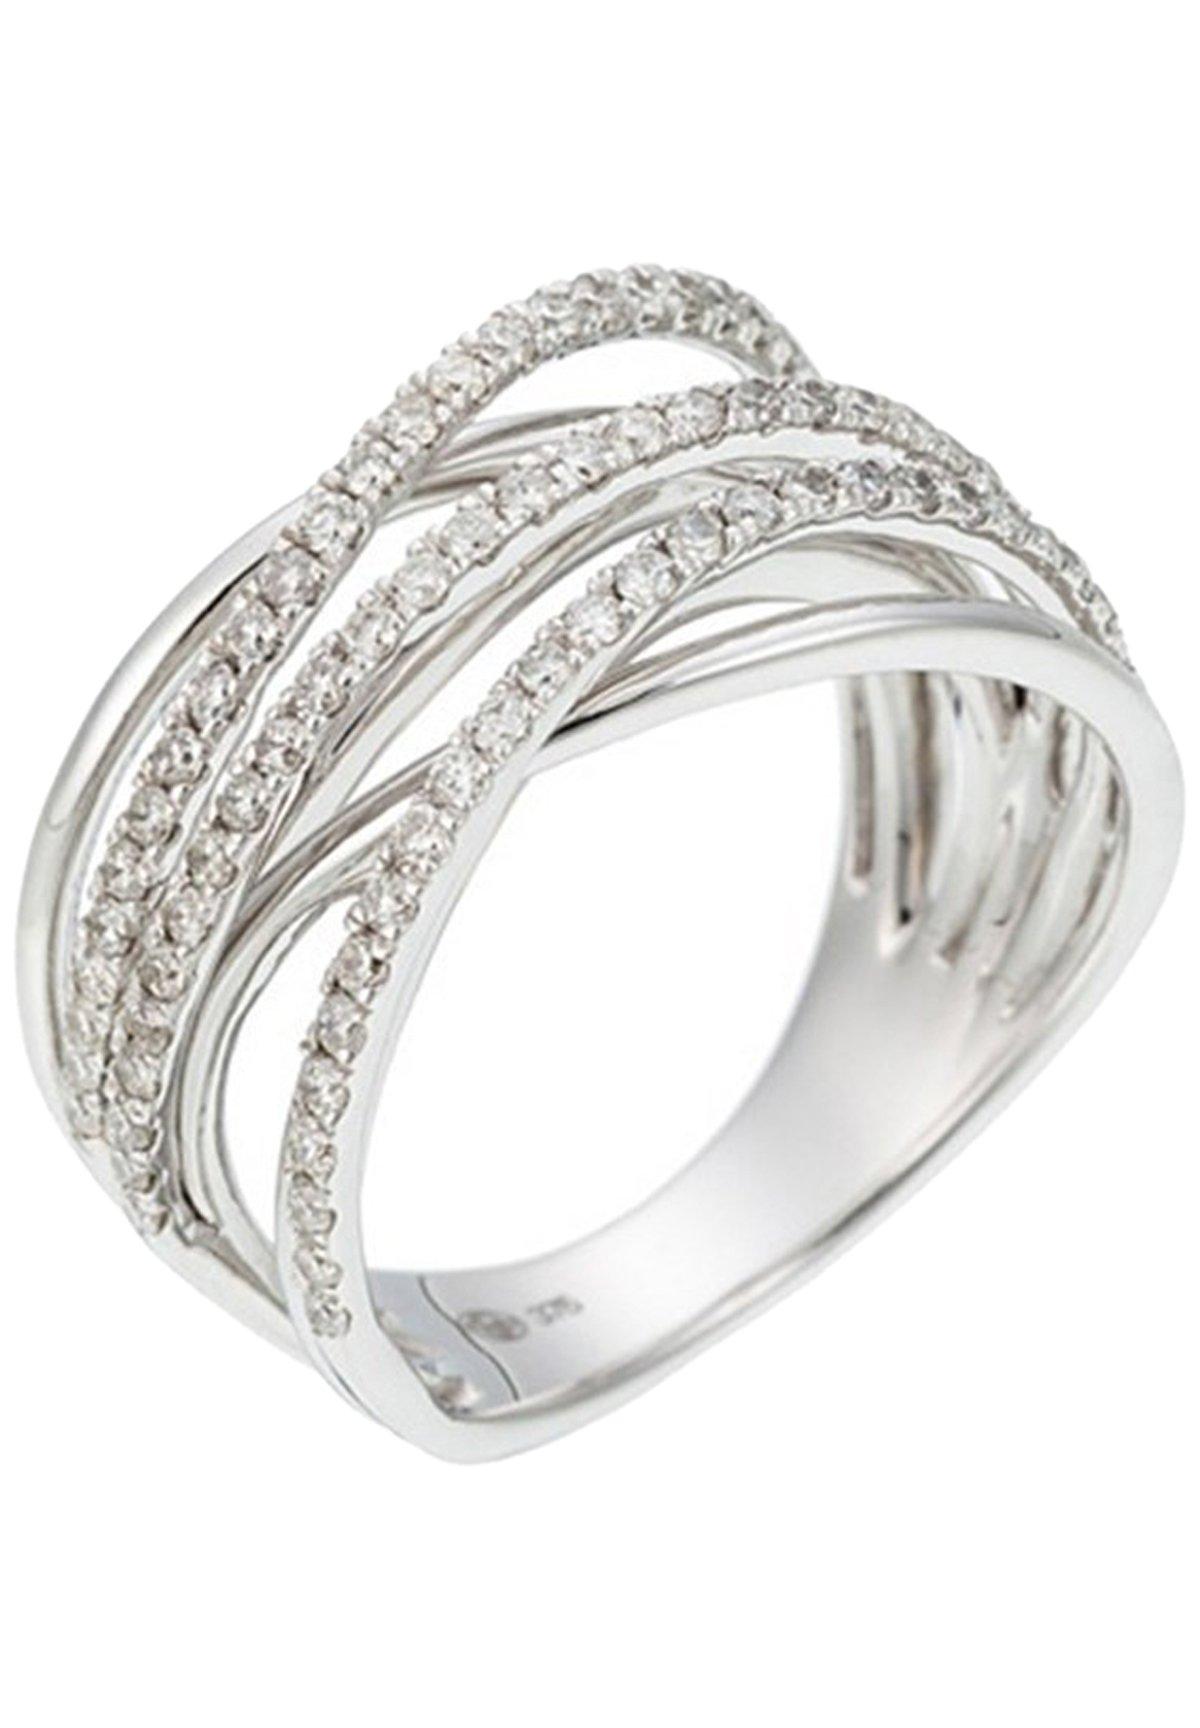 Damen WHITE GOLD RING 9K CERTIFIED 80 DIAMONDS HSI 0.64 CT - Ring